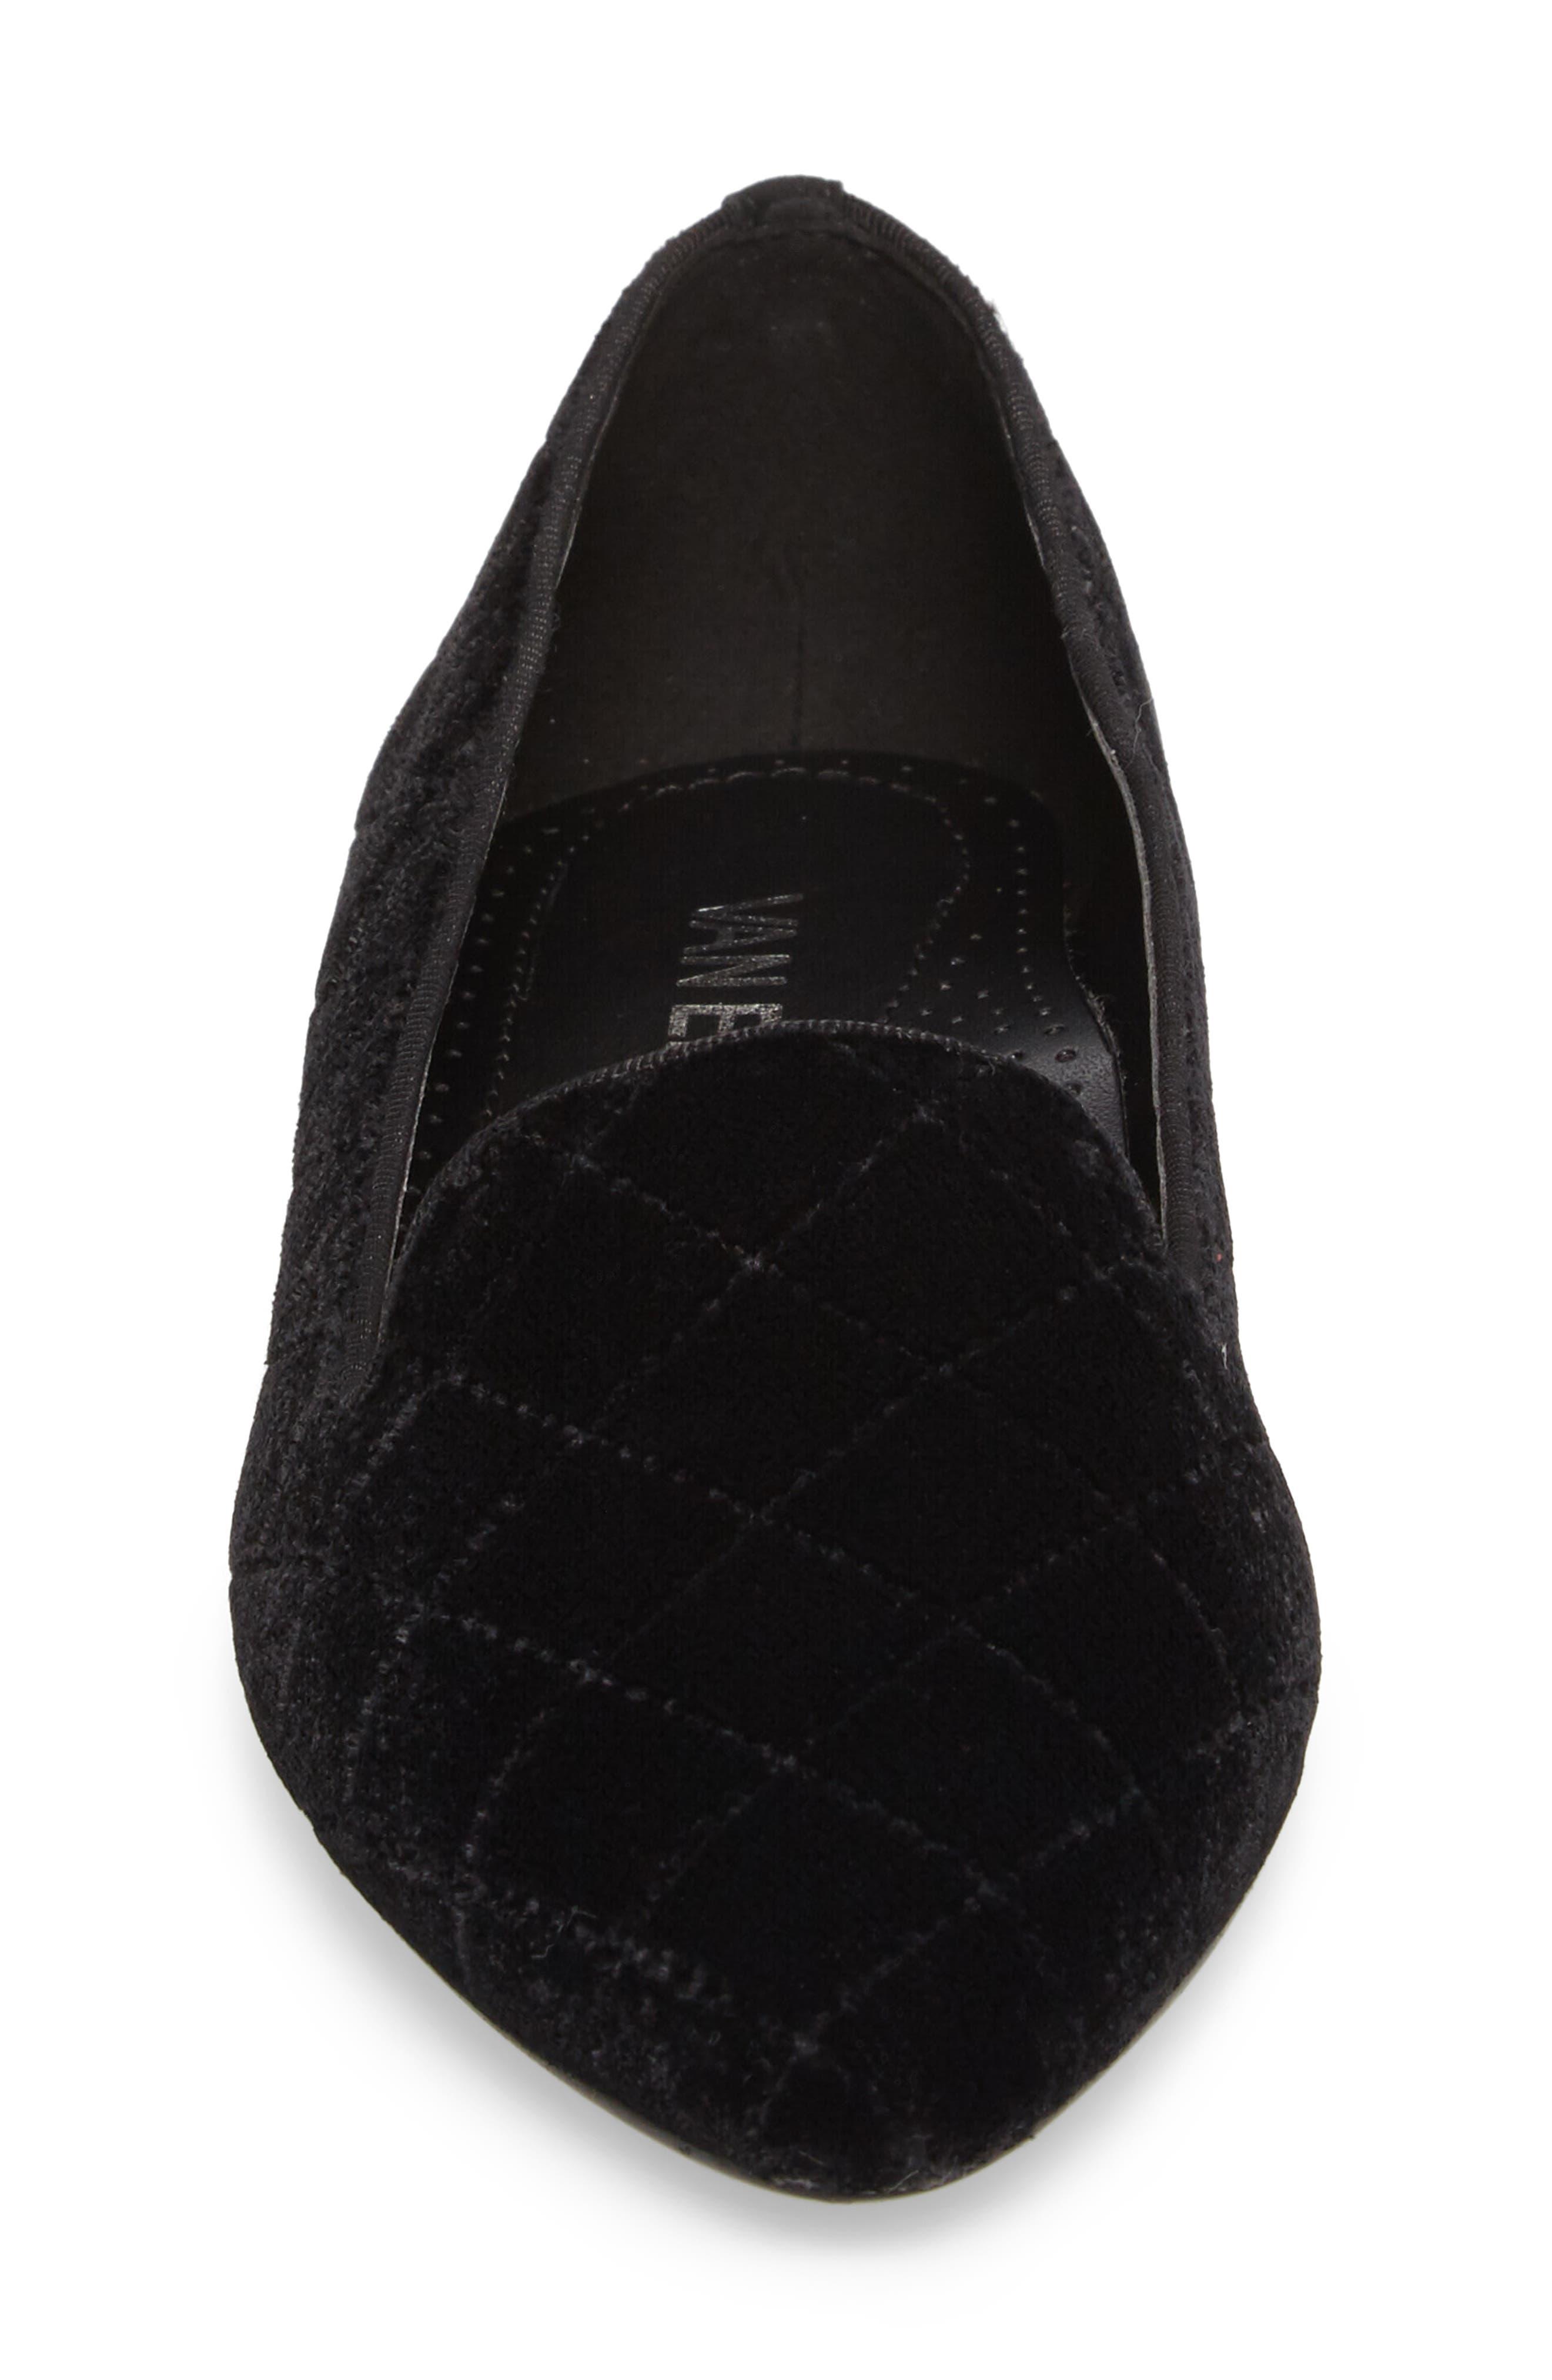 Gannie Diamond Pattern Loafer,                             Alternate thumbnail 4, color,                             Black Velvet Fabric